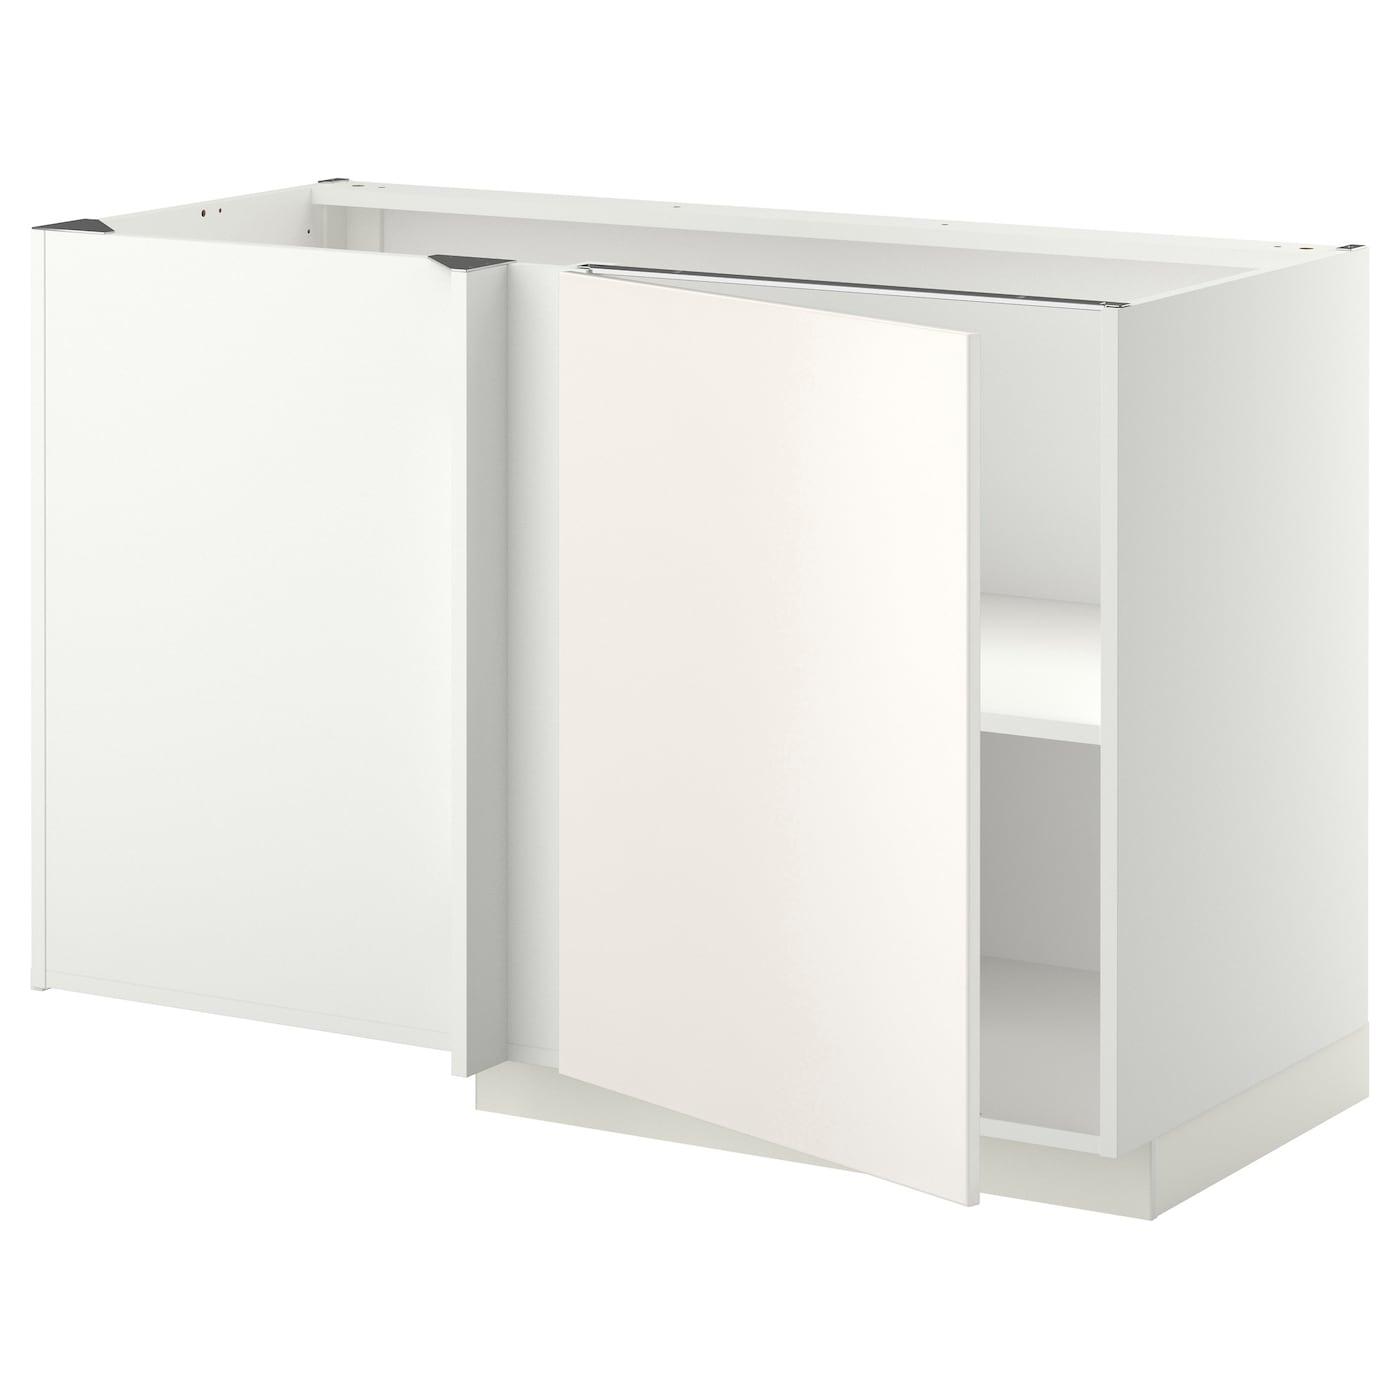 IKEA METOD Corner Base Cabinet With Shelf Adjustable Shelf; Adapt Spacing  According To Need.